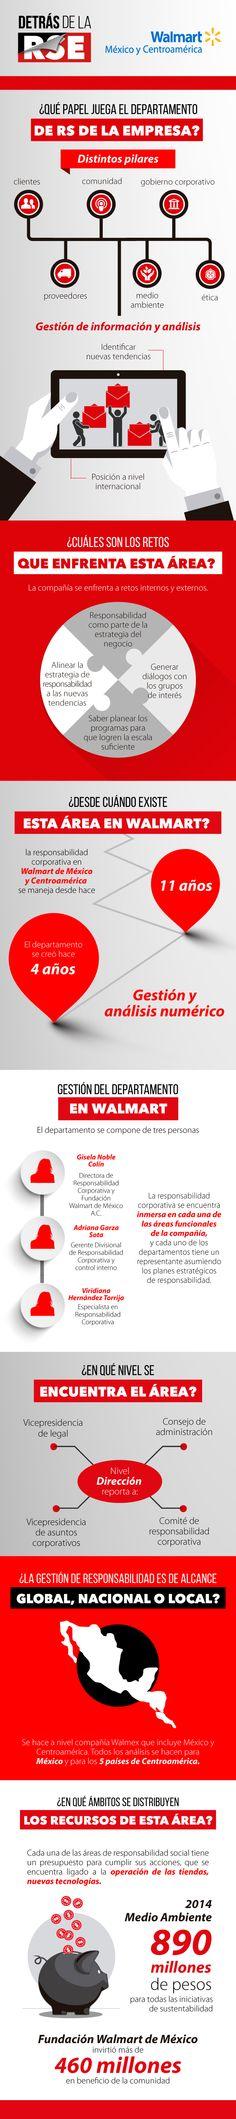 Detrás de la RSE: Walmart. En esta edición de Detrás de la RSE, Gisela Noble, directora del departamento de responsabilidad corporativa en México, nos habla acerca de los retos que enfrenta el área, así como las características de su equipo. http://www.expoknews.com/detras-de-la-rse-walmart/